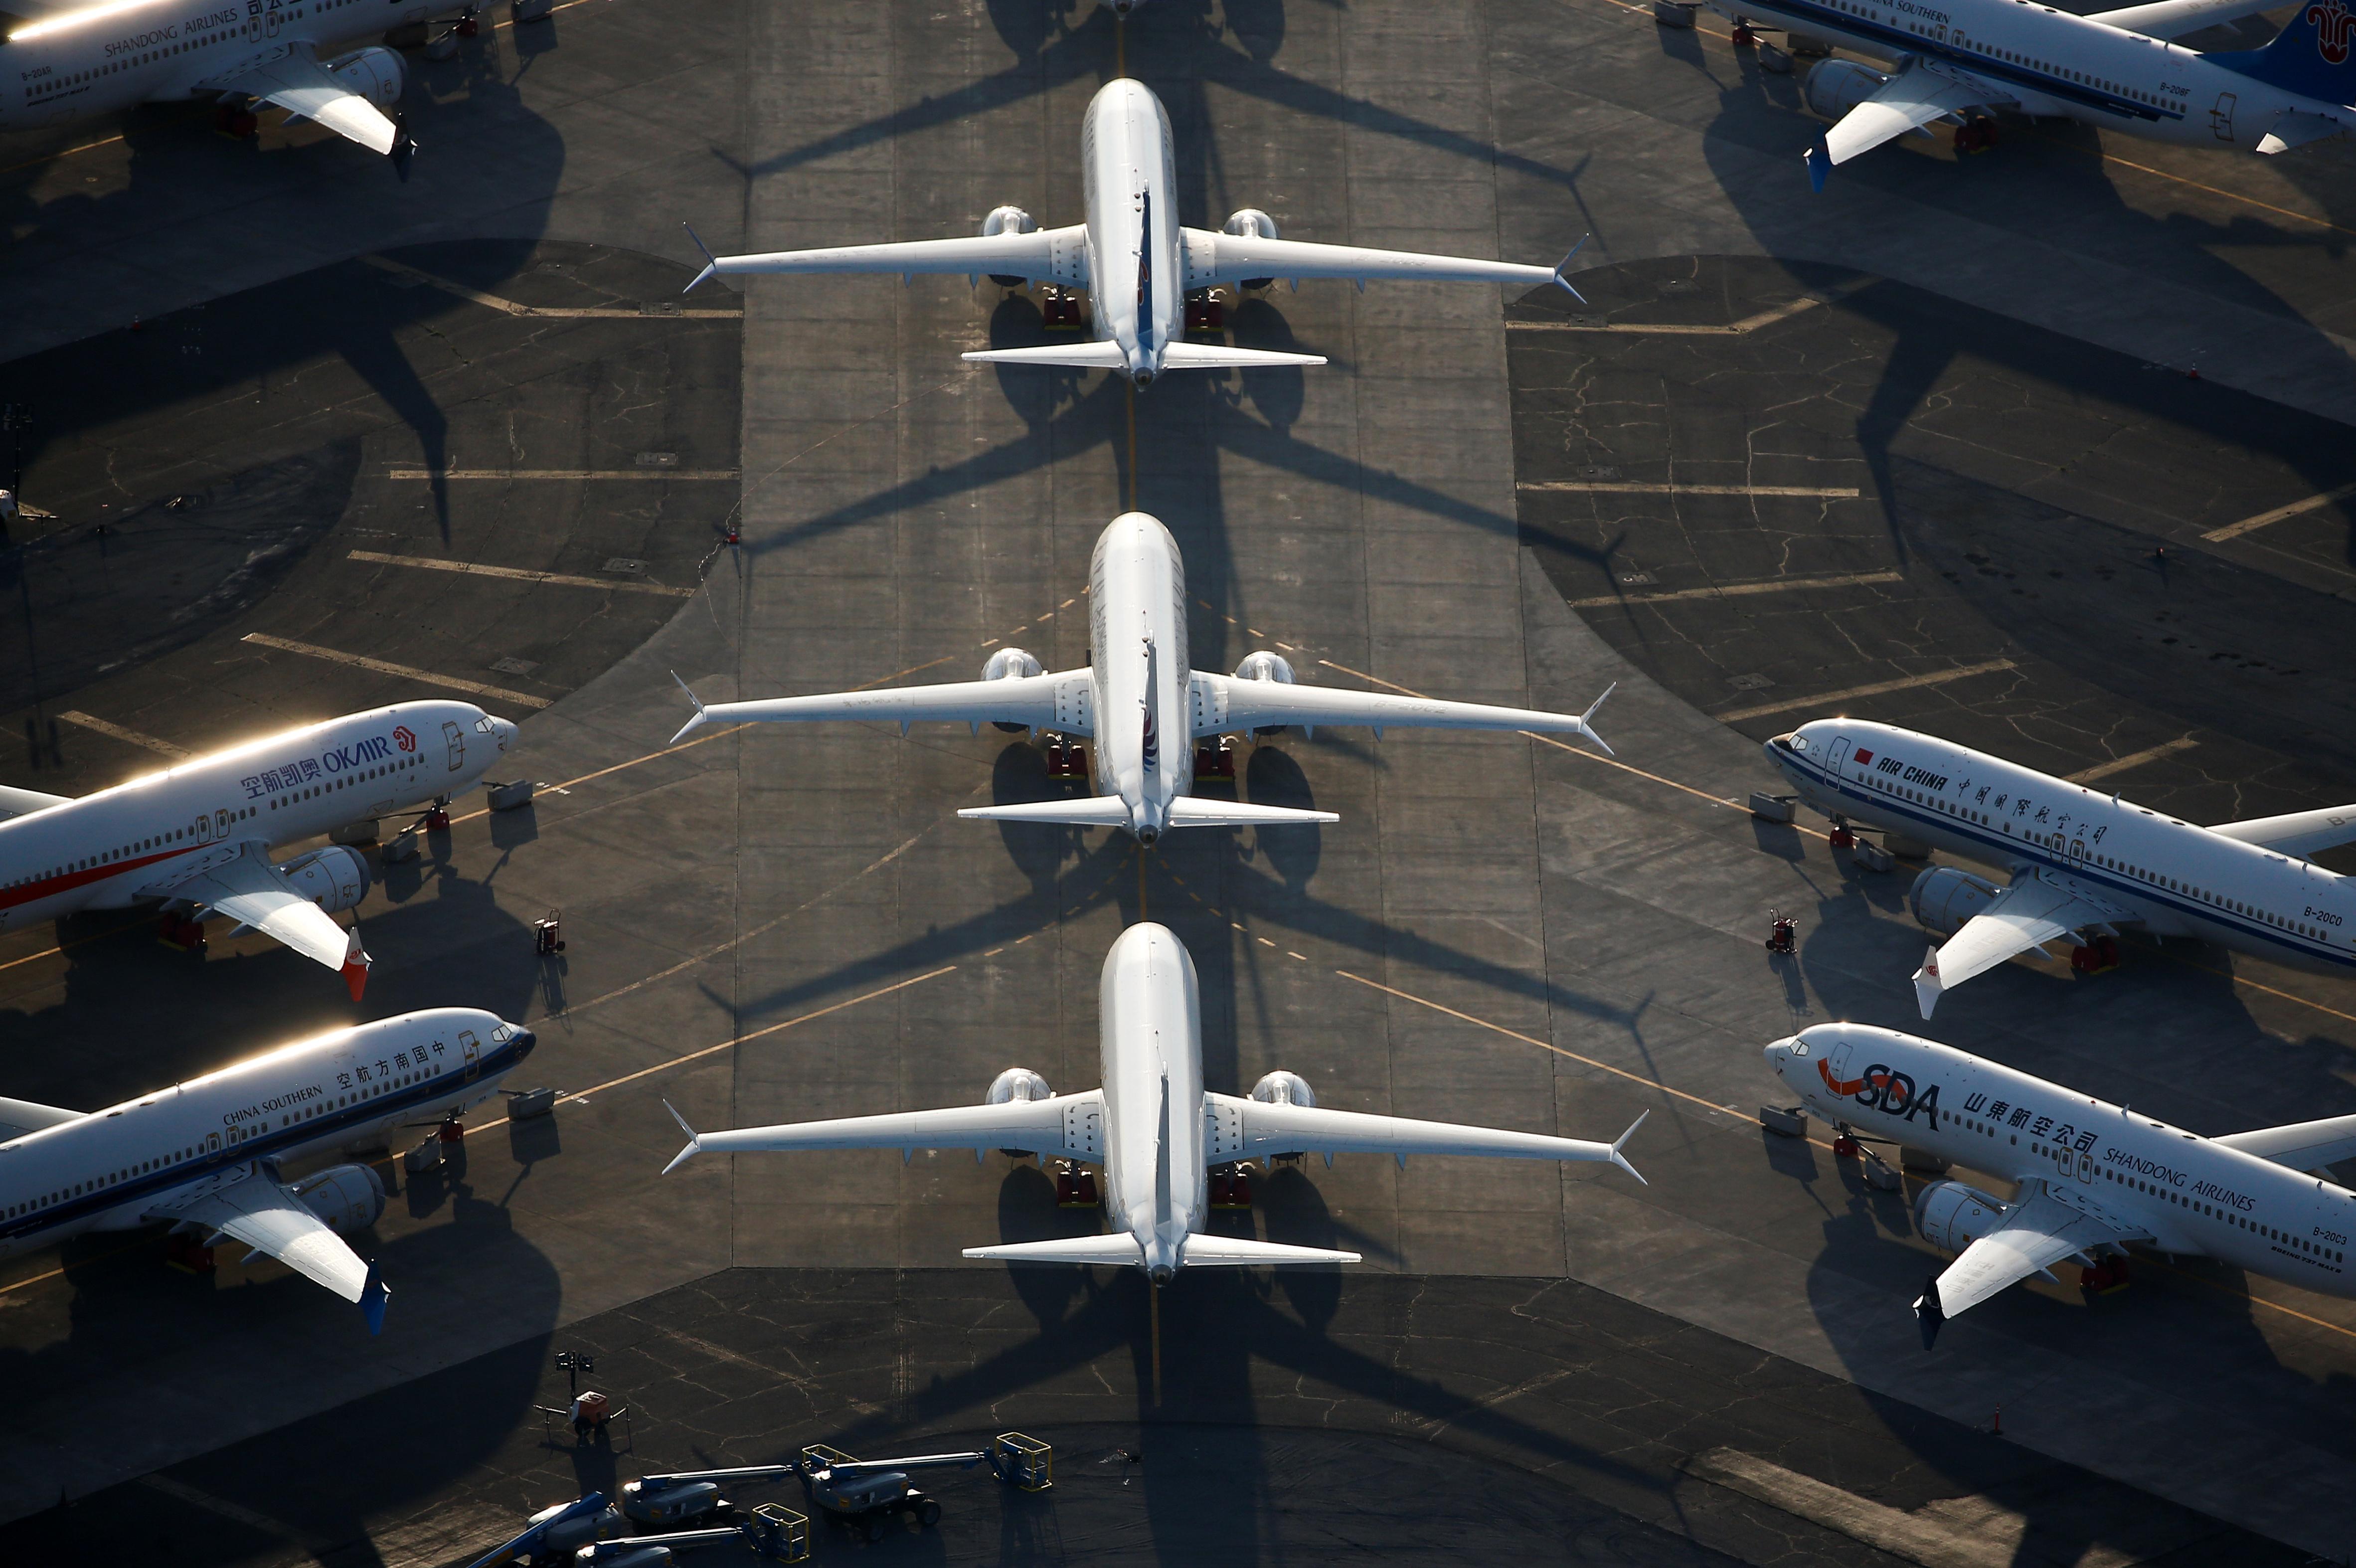 Le spectre des annulations ou reports de commandes plane sur Boeing et Airbus